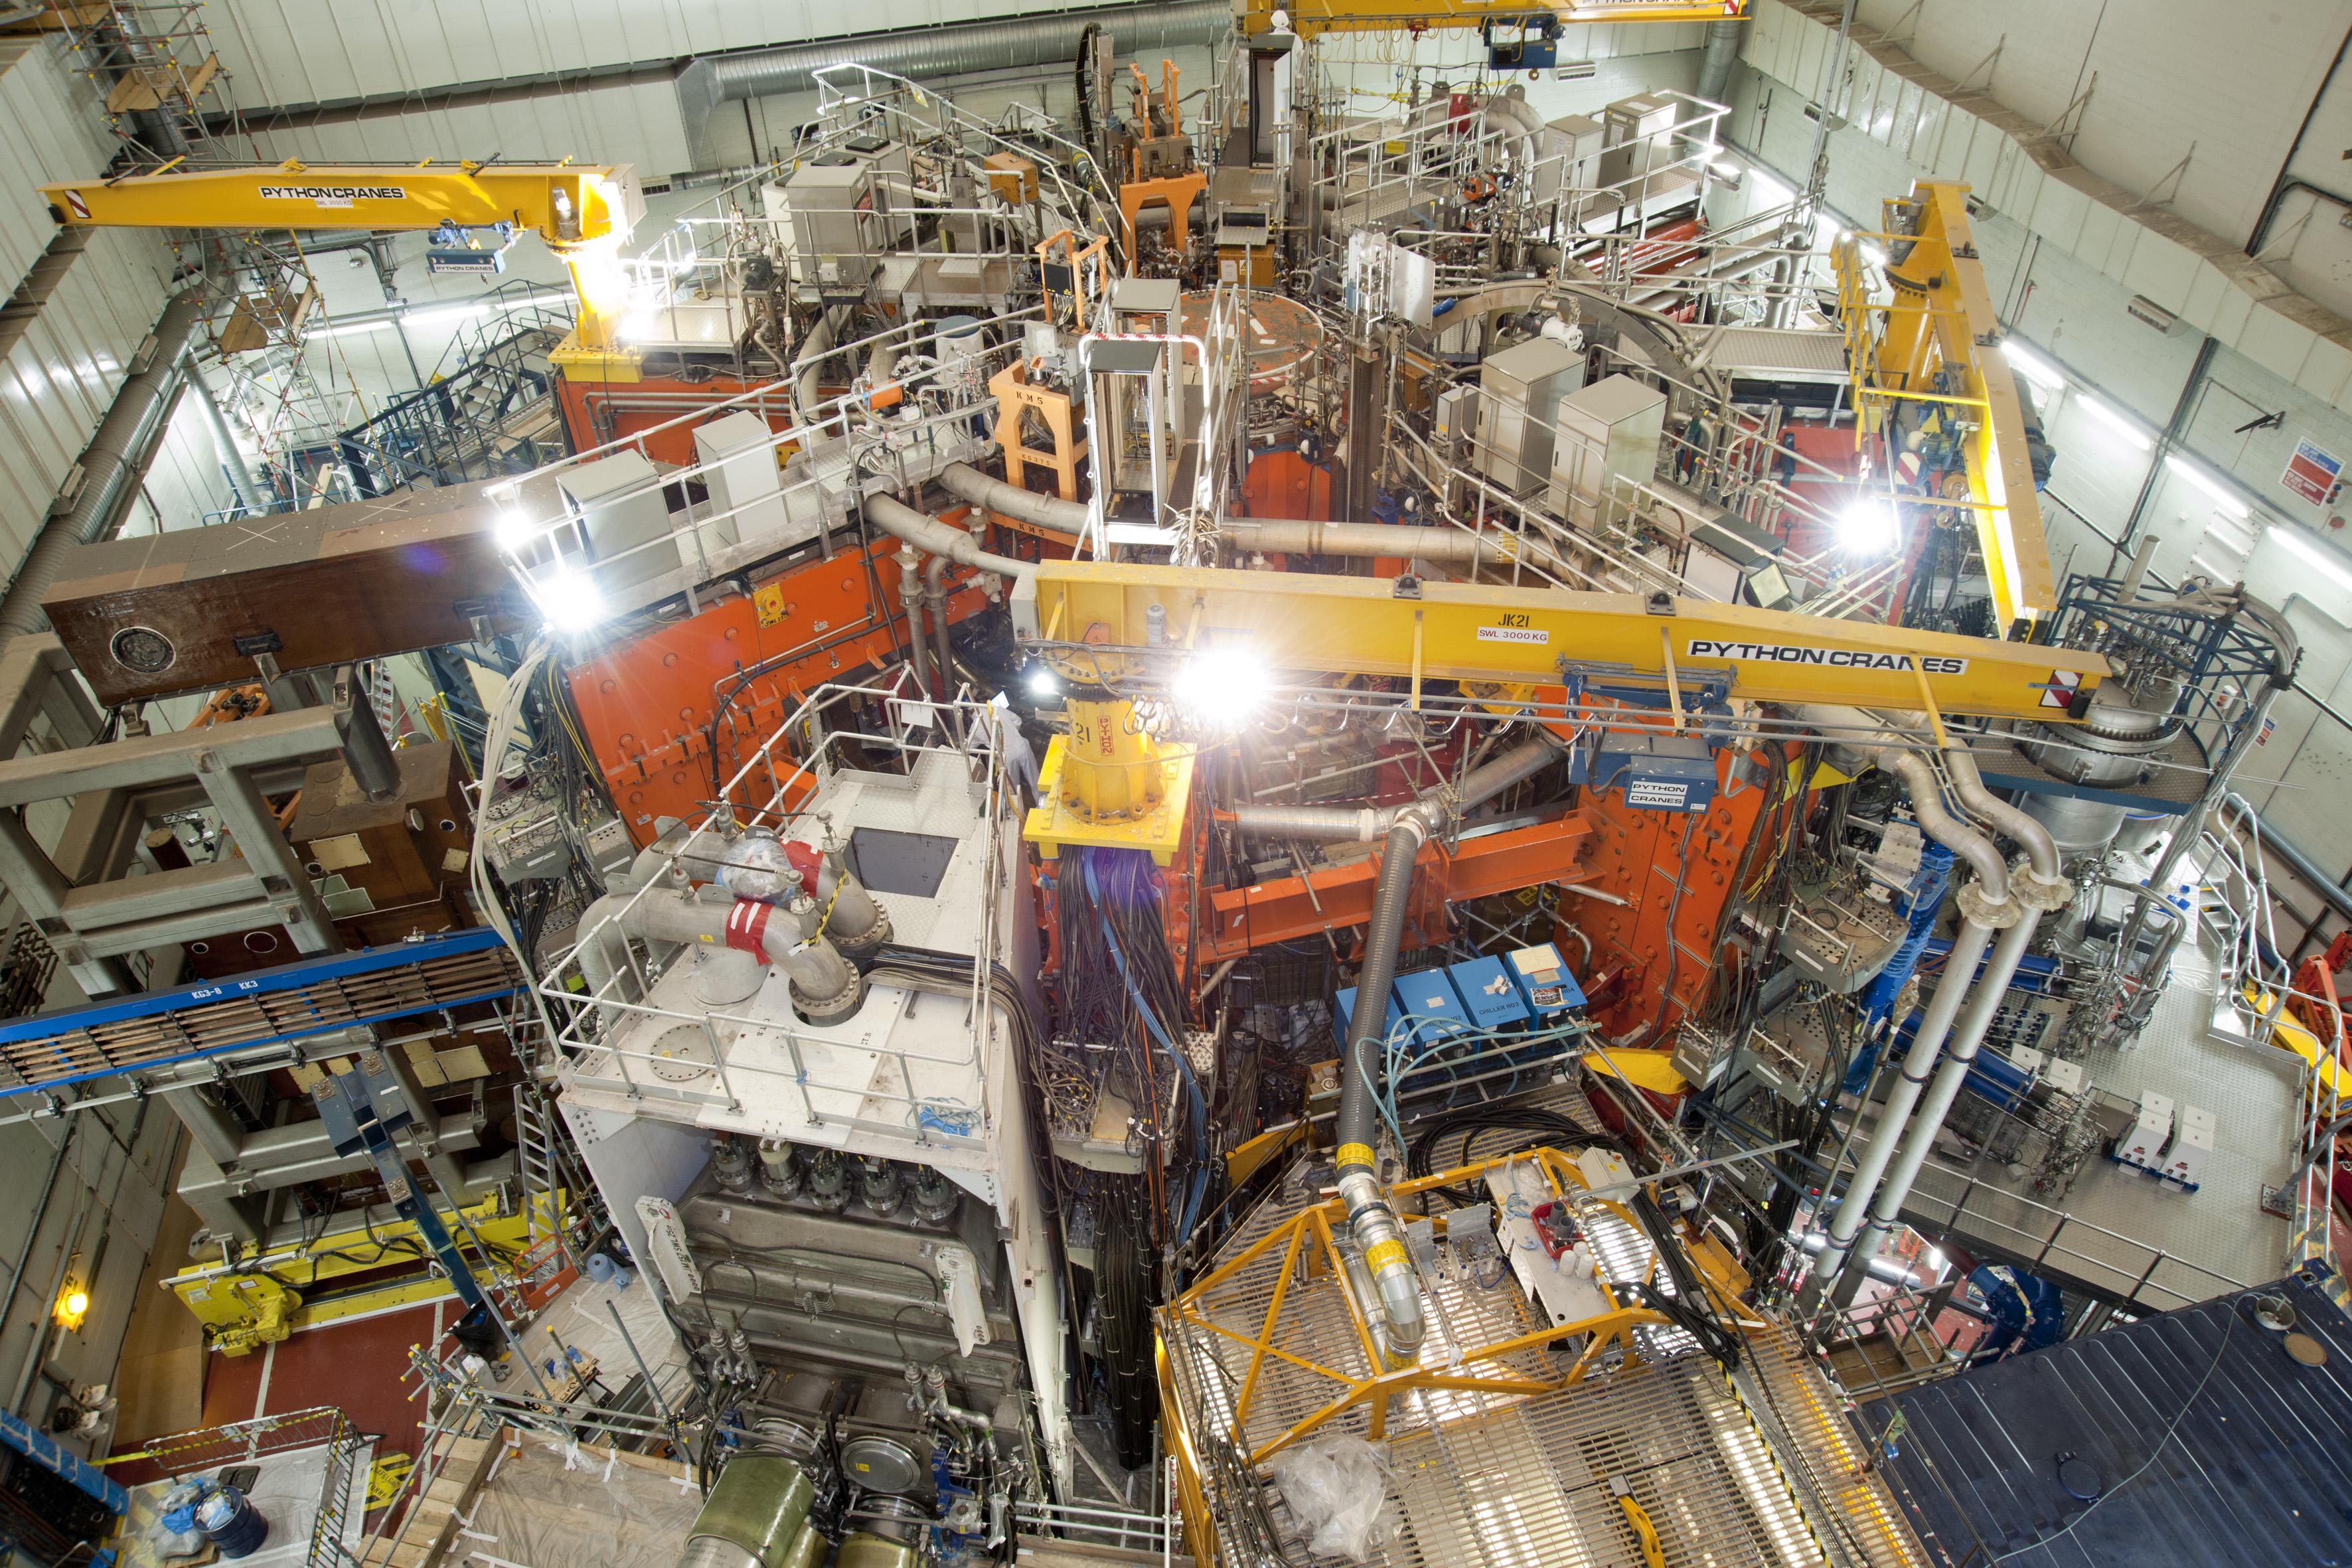 Spojené království nebude moci přispět na projekt ITER bez dohody ohledně Brexitu